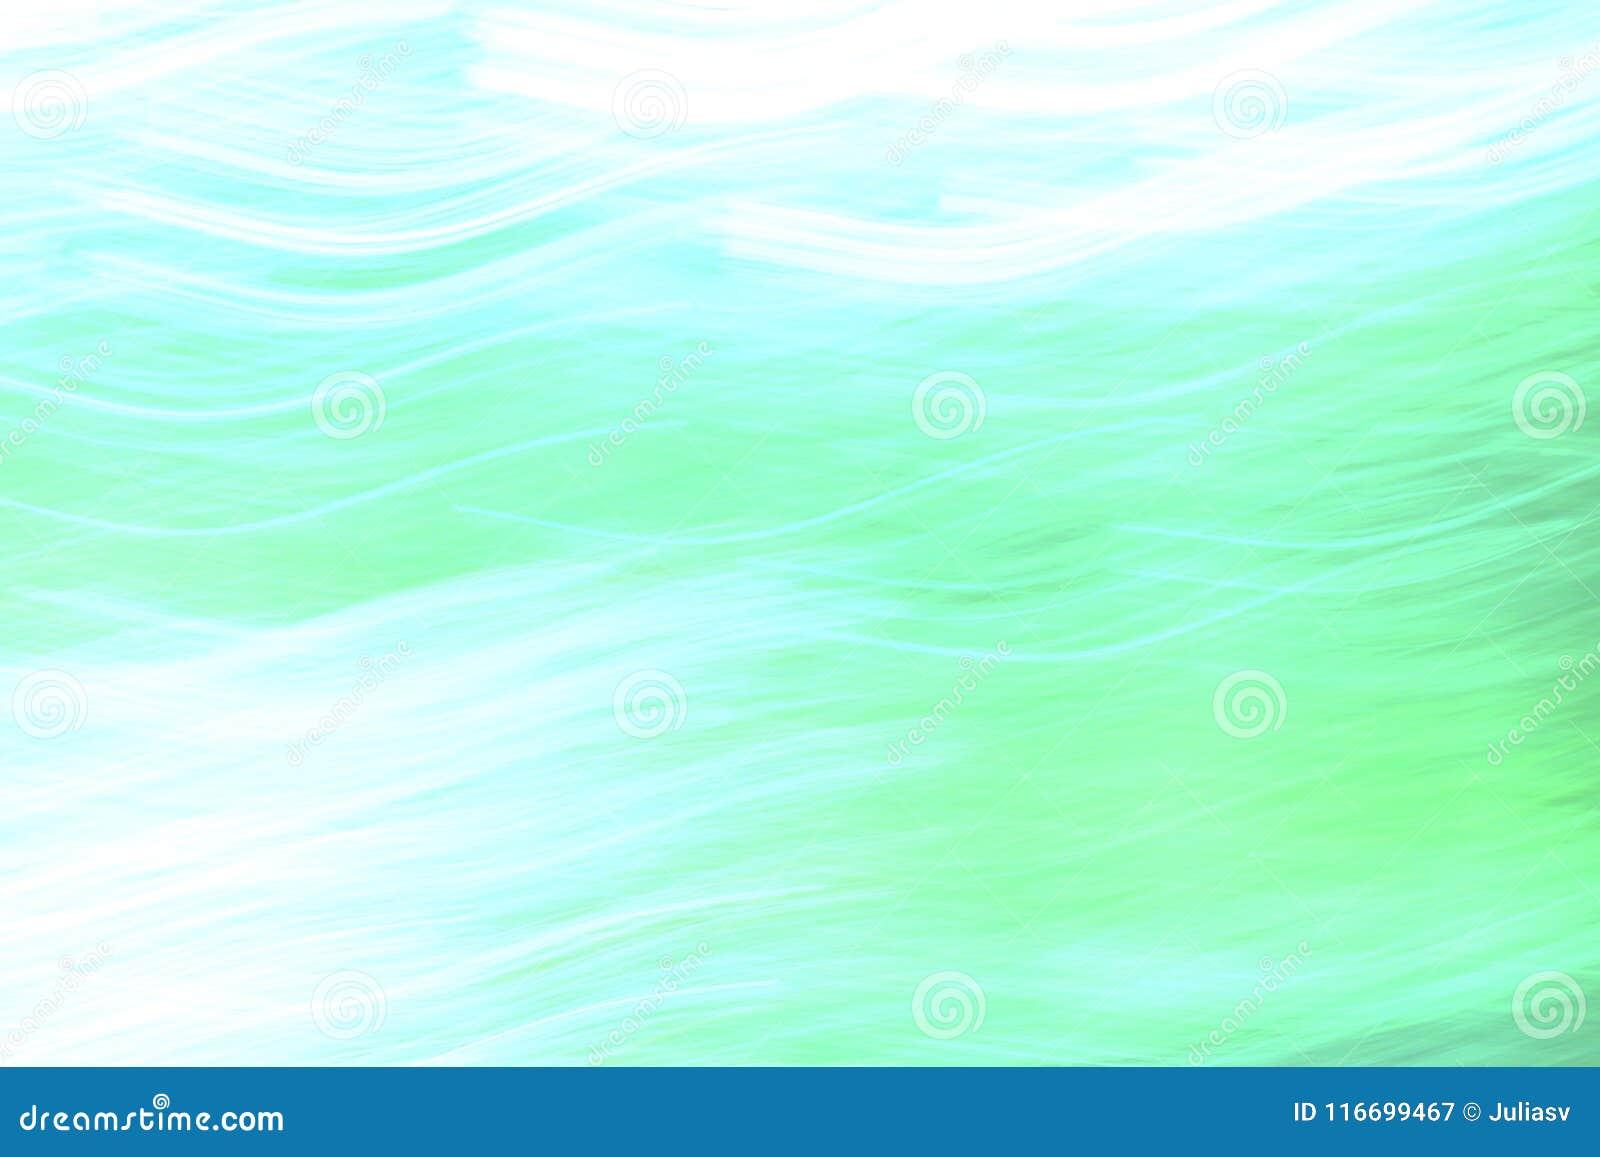 Abstraktes Weiche verwischte Hintergrund mit den blauen, grünen und weißen Farben